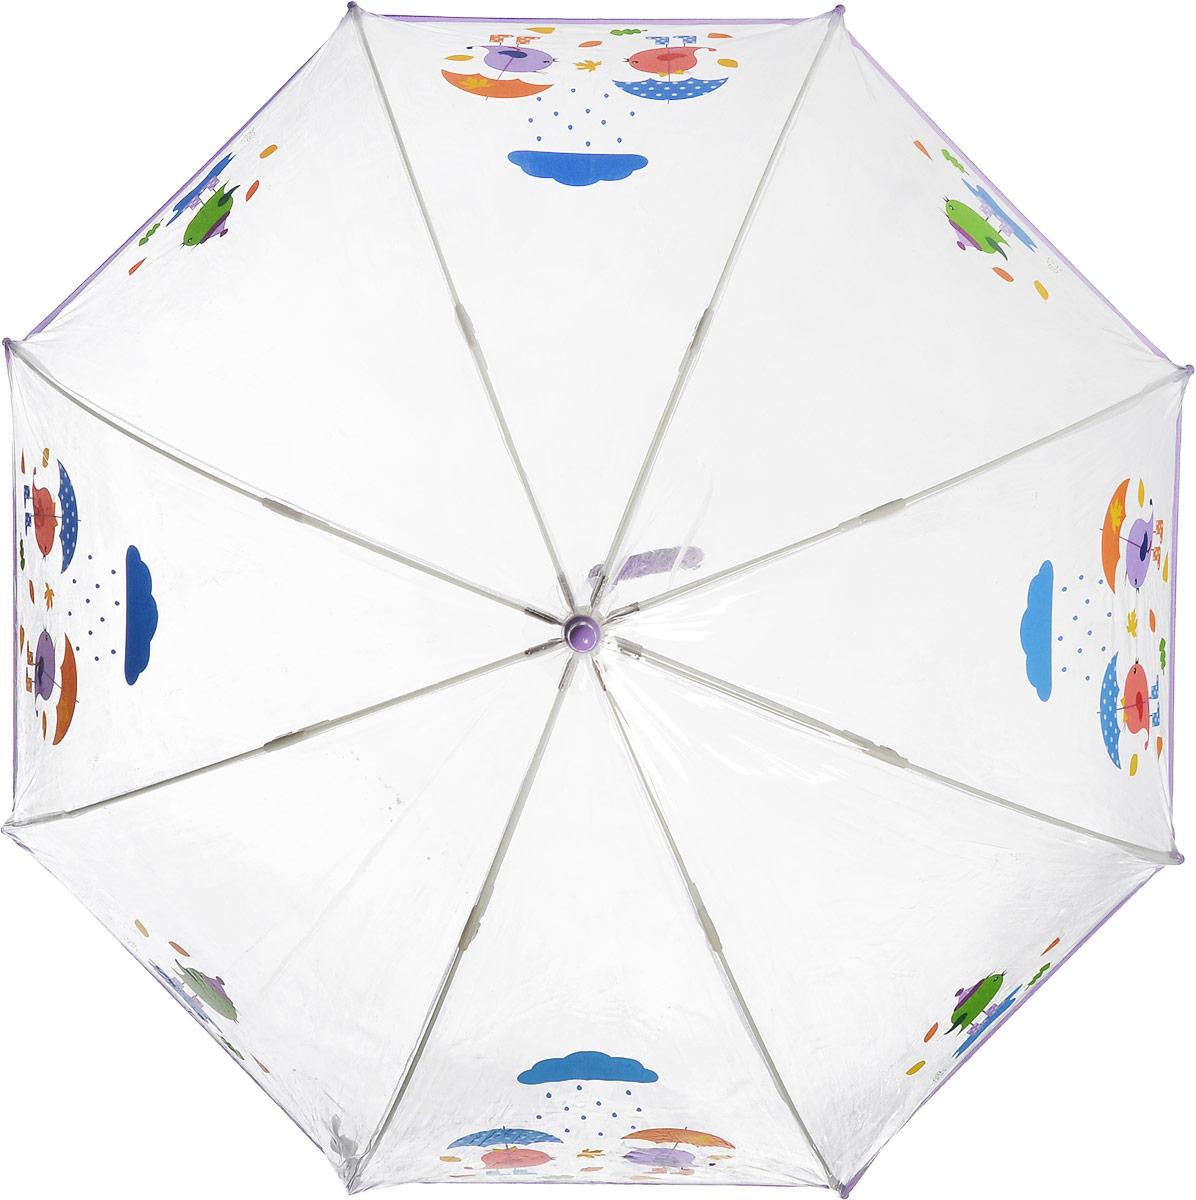 Зонт-трость детский Zest механический, цвет: прозрачный, сиреневый. 51510-02K60K603557_0130Детский зонт-трость Zest выполнен из металла и пластика. Каркас зонта выполнен из восьми спиц, стержень из стали. На концах спиц предусмотрены пластиковые элементы, которые защитят малыша от травм. Купол зонта изготовлен прочного полиэстера. Закрытый купол застегивается на липучку хлястиком. Практичная глянцевая рукоятка закругленной формы разработана с учетом требований эргономики и выполнена из пластика.Чудесный прозрачный зонтик с изображением красочного рисунка на прозрачном куполе. Эта очень позитивная, прочная в применении модель обязательно понравится вашему ребенку.